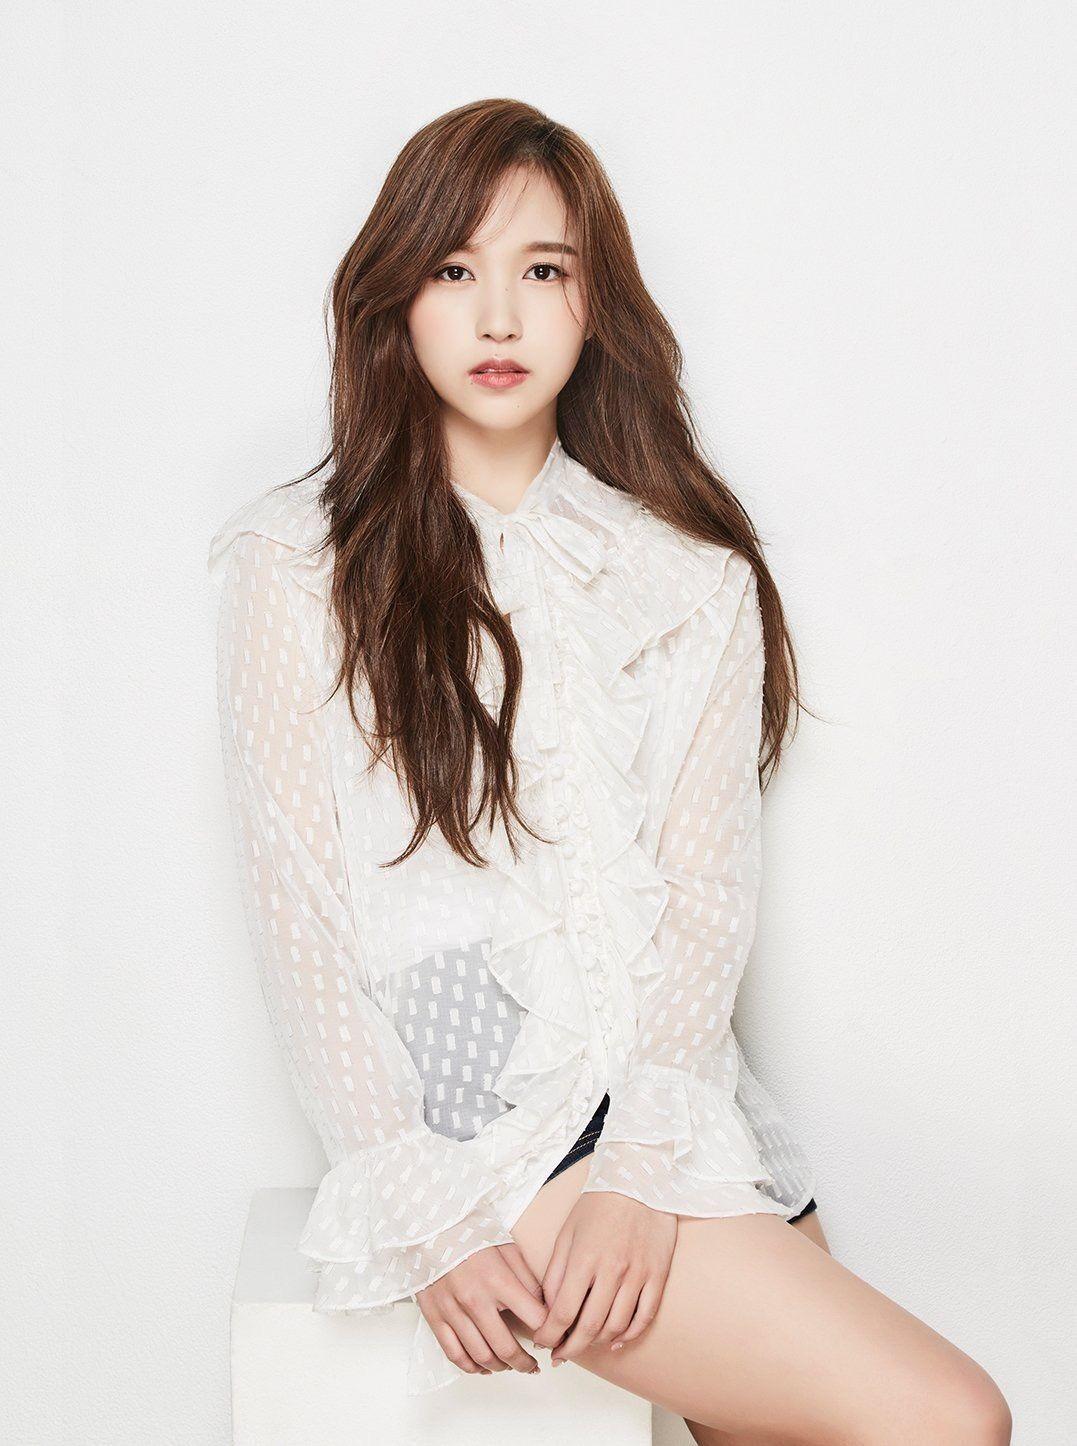 Pin By Sanju Marak On Mina Sharon Myoi 97 3 24 Kpop Girls Kpop Images, Photos, Reviews